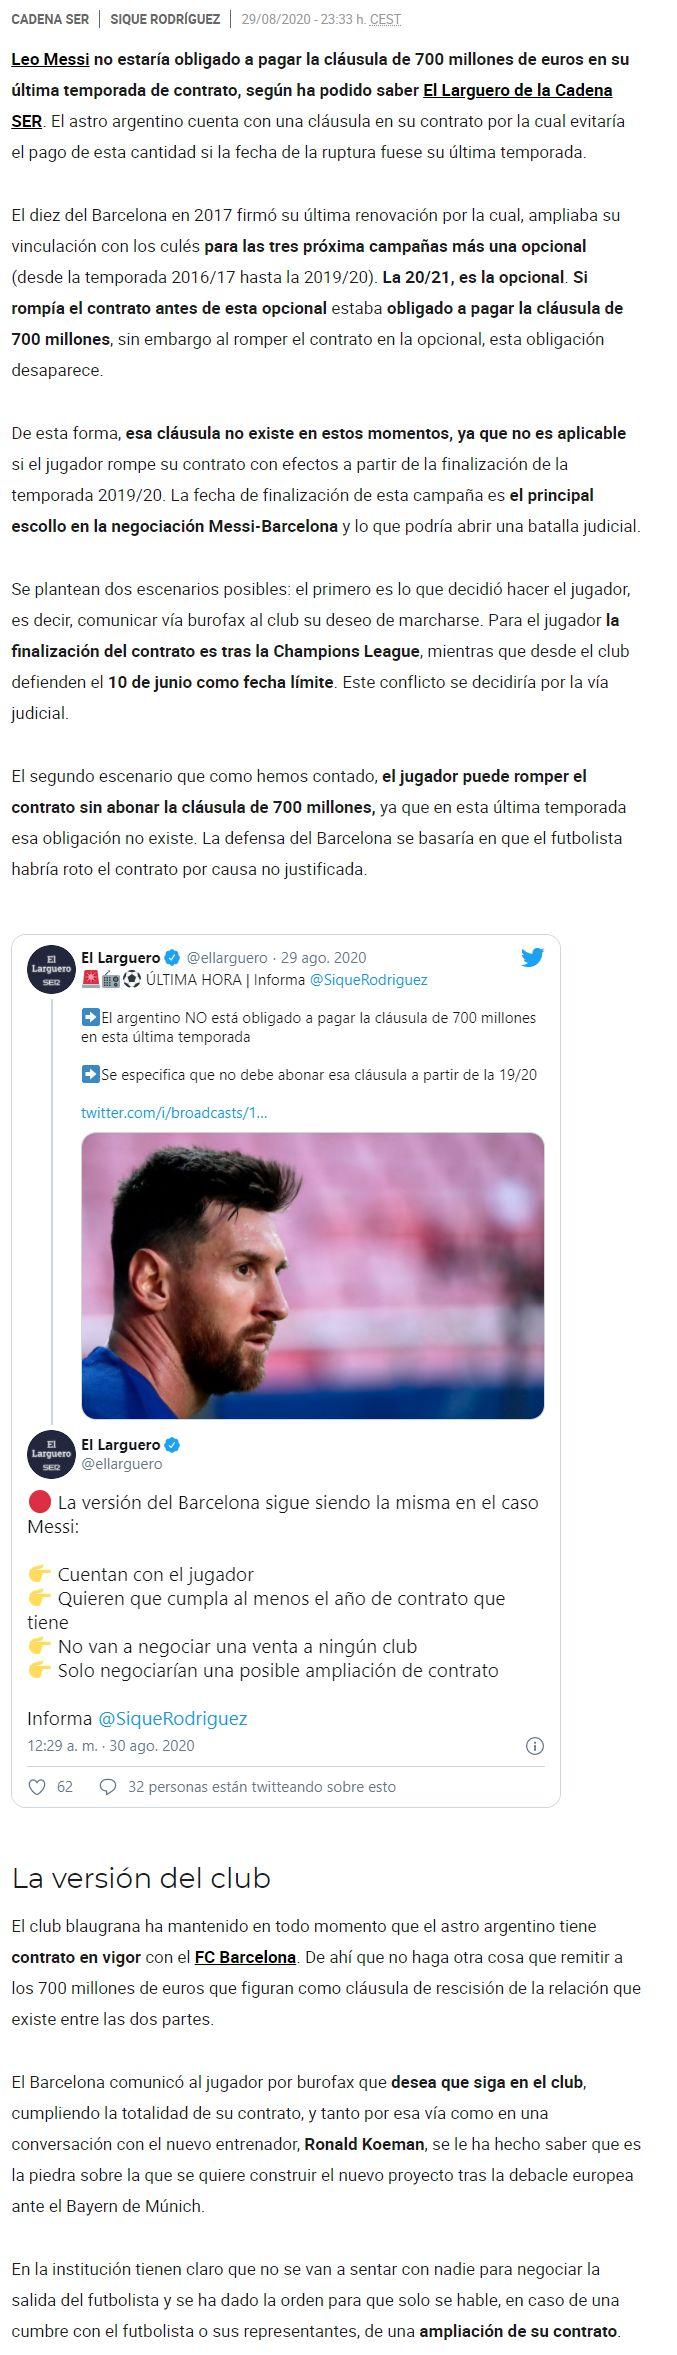 La diferencia real entre Real Madrid y Barcelona - Página 40 4842509170